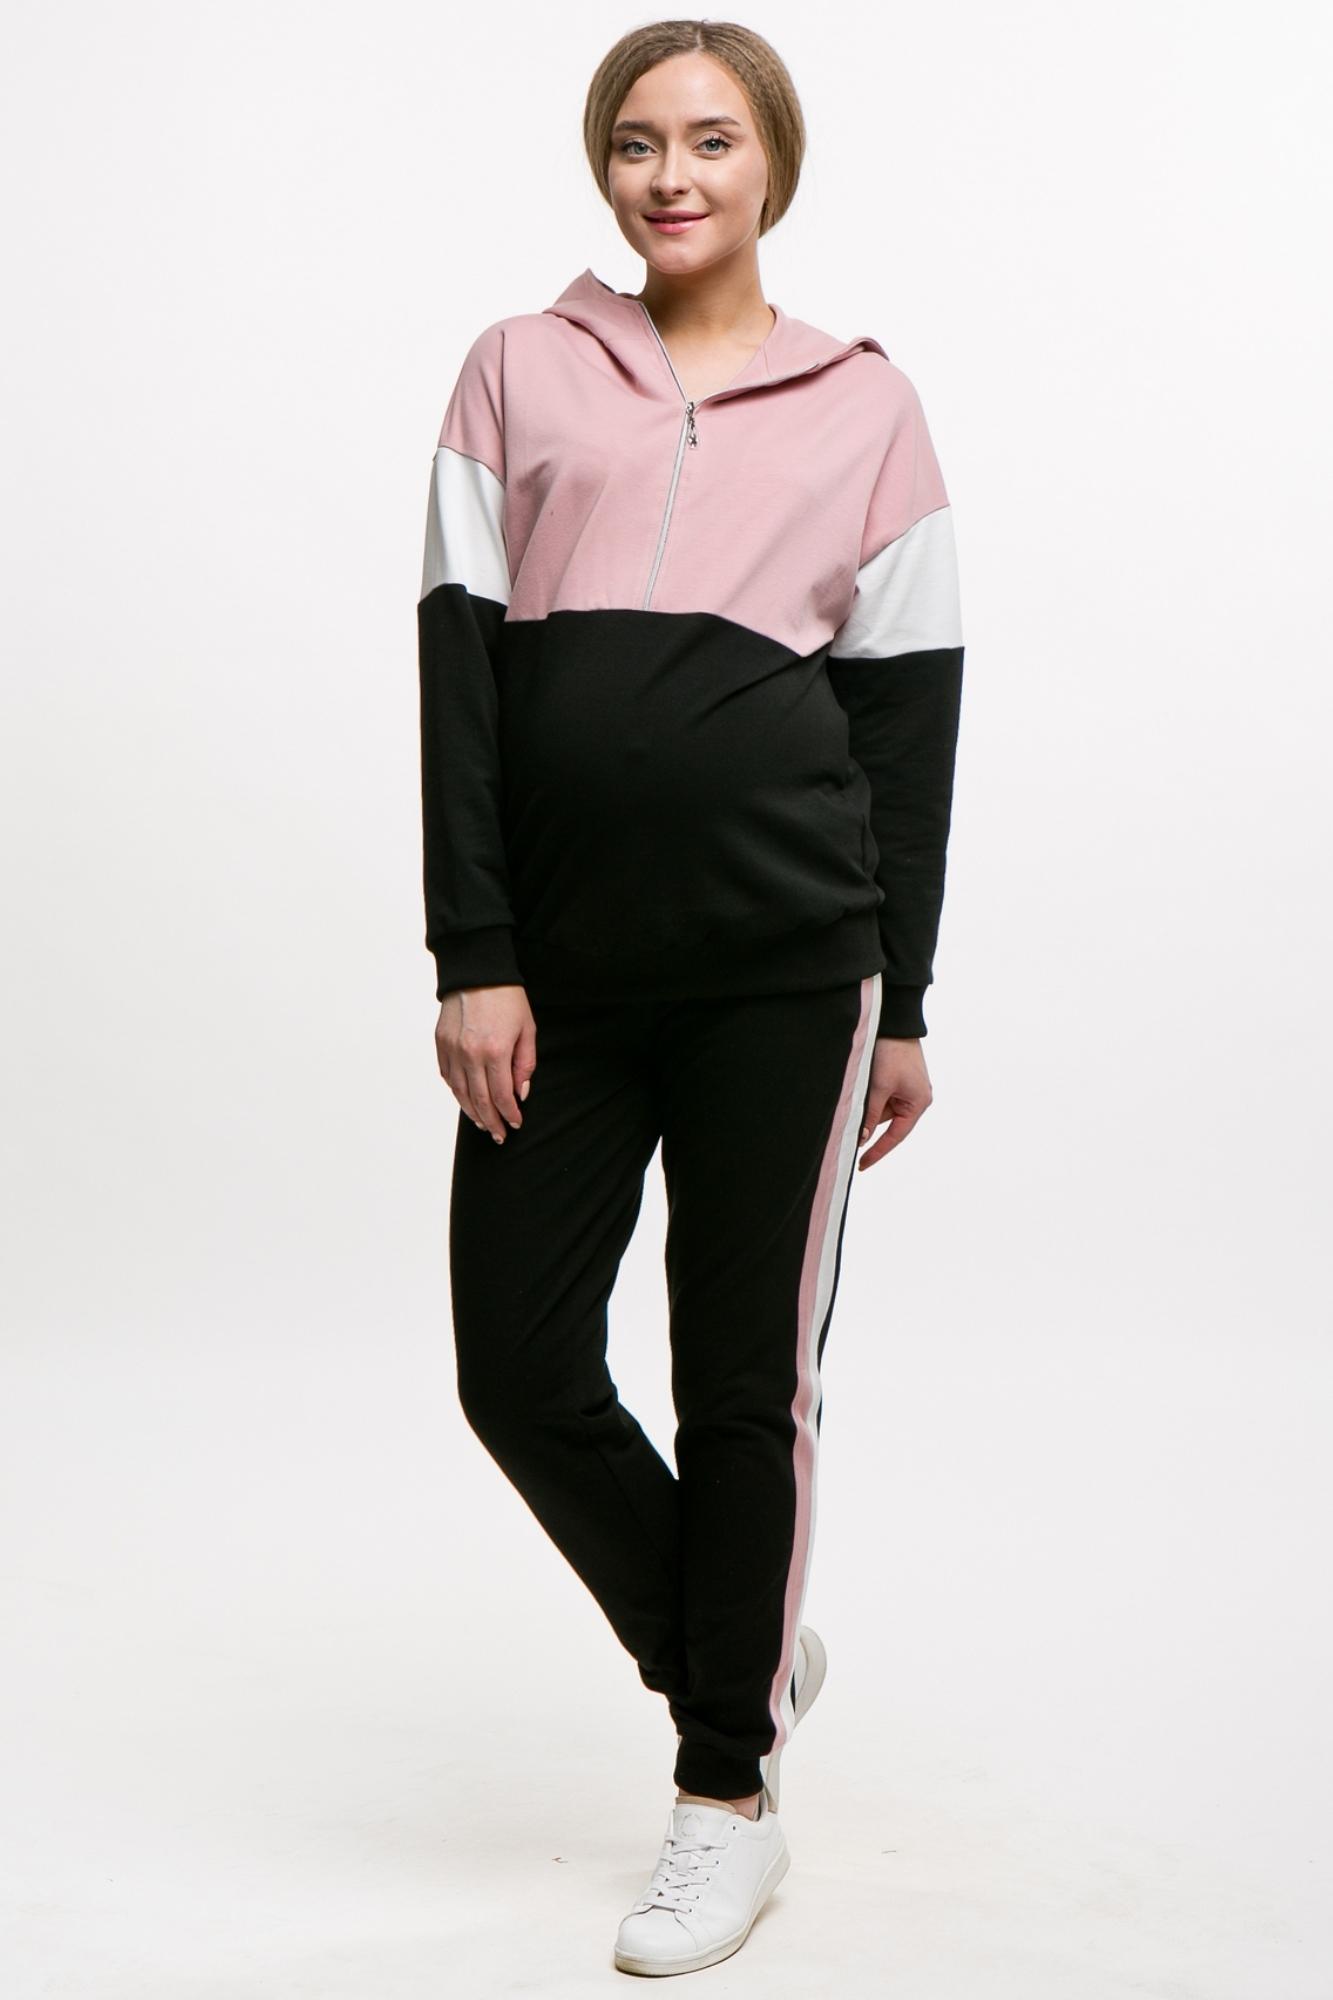 Спортивный костюм для беременных и кормящих 11609 пудра-черный